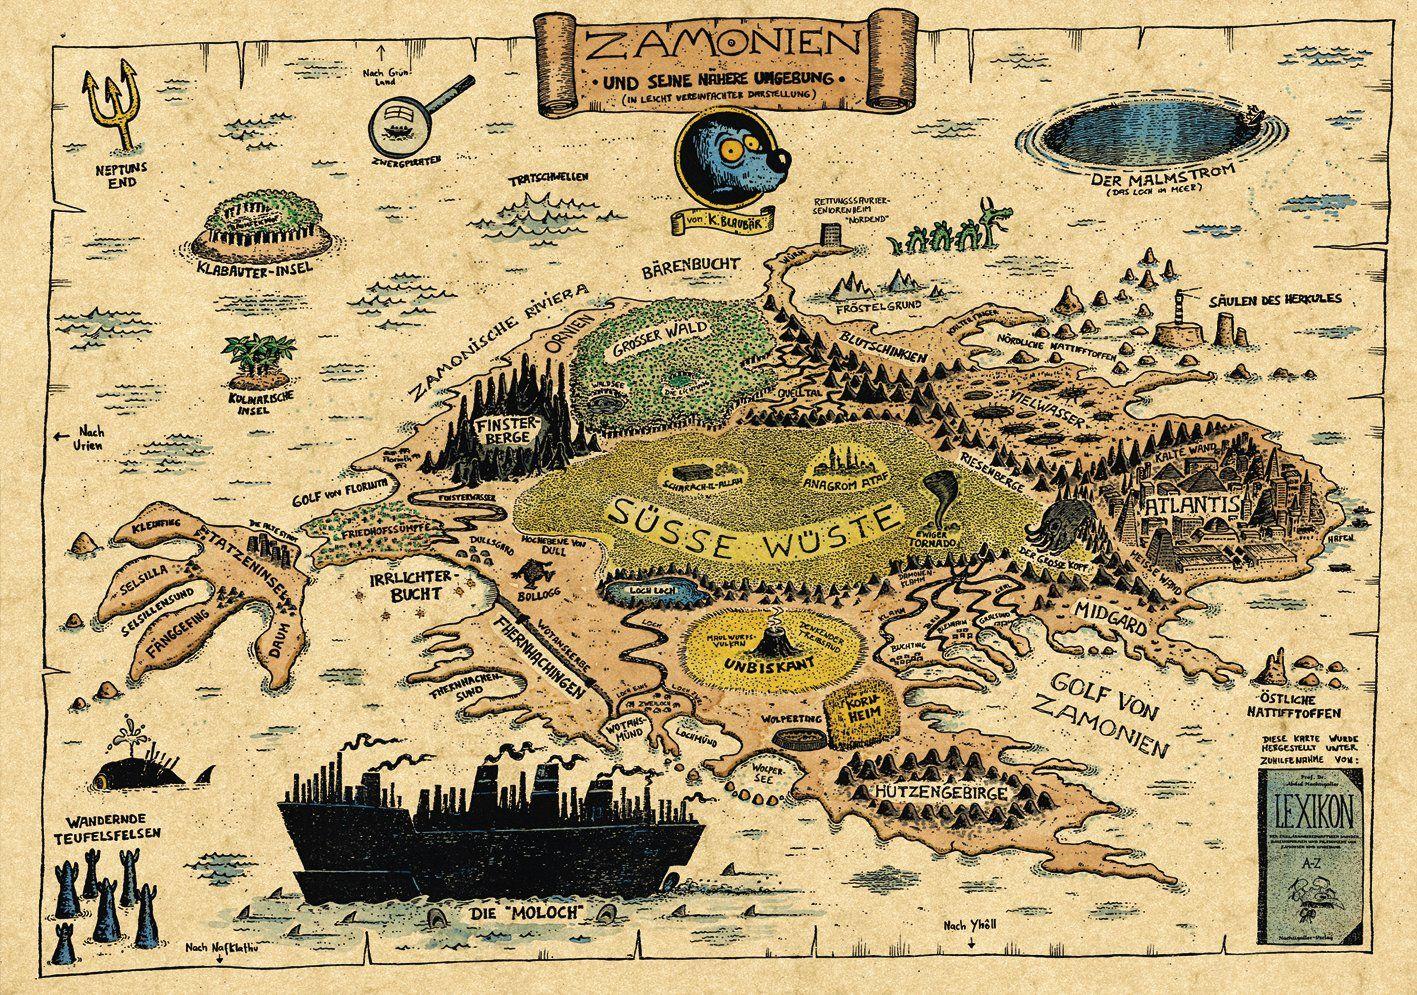 zamonien karte Zamonien — Walter Moers | Fanart | Imaginary maps, Maps video, Map